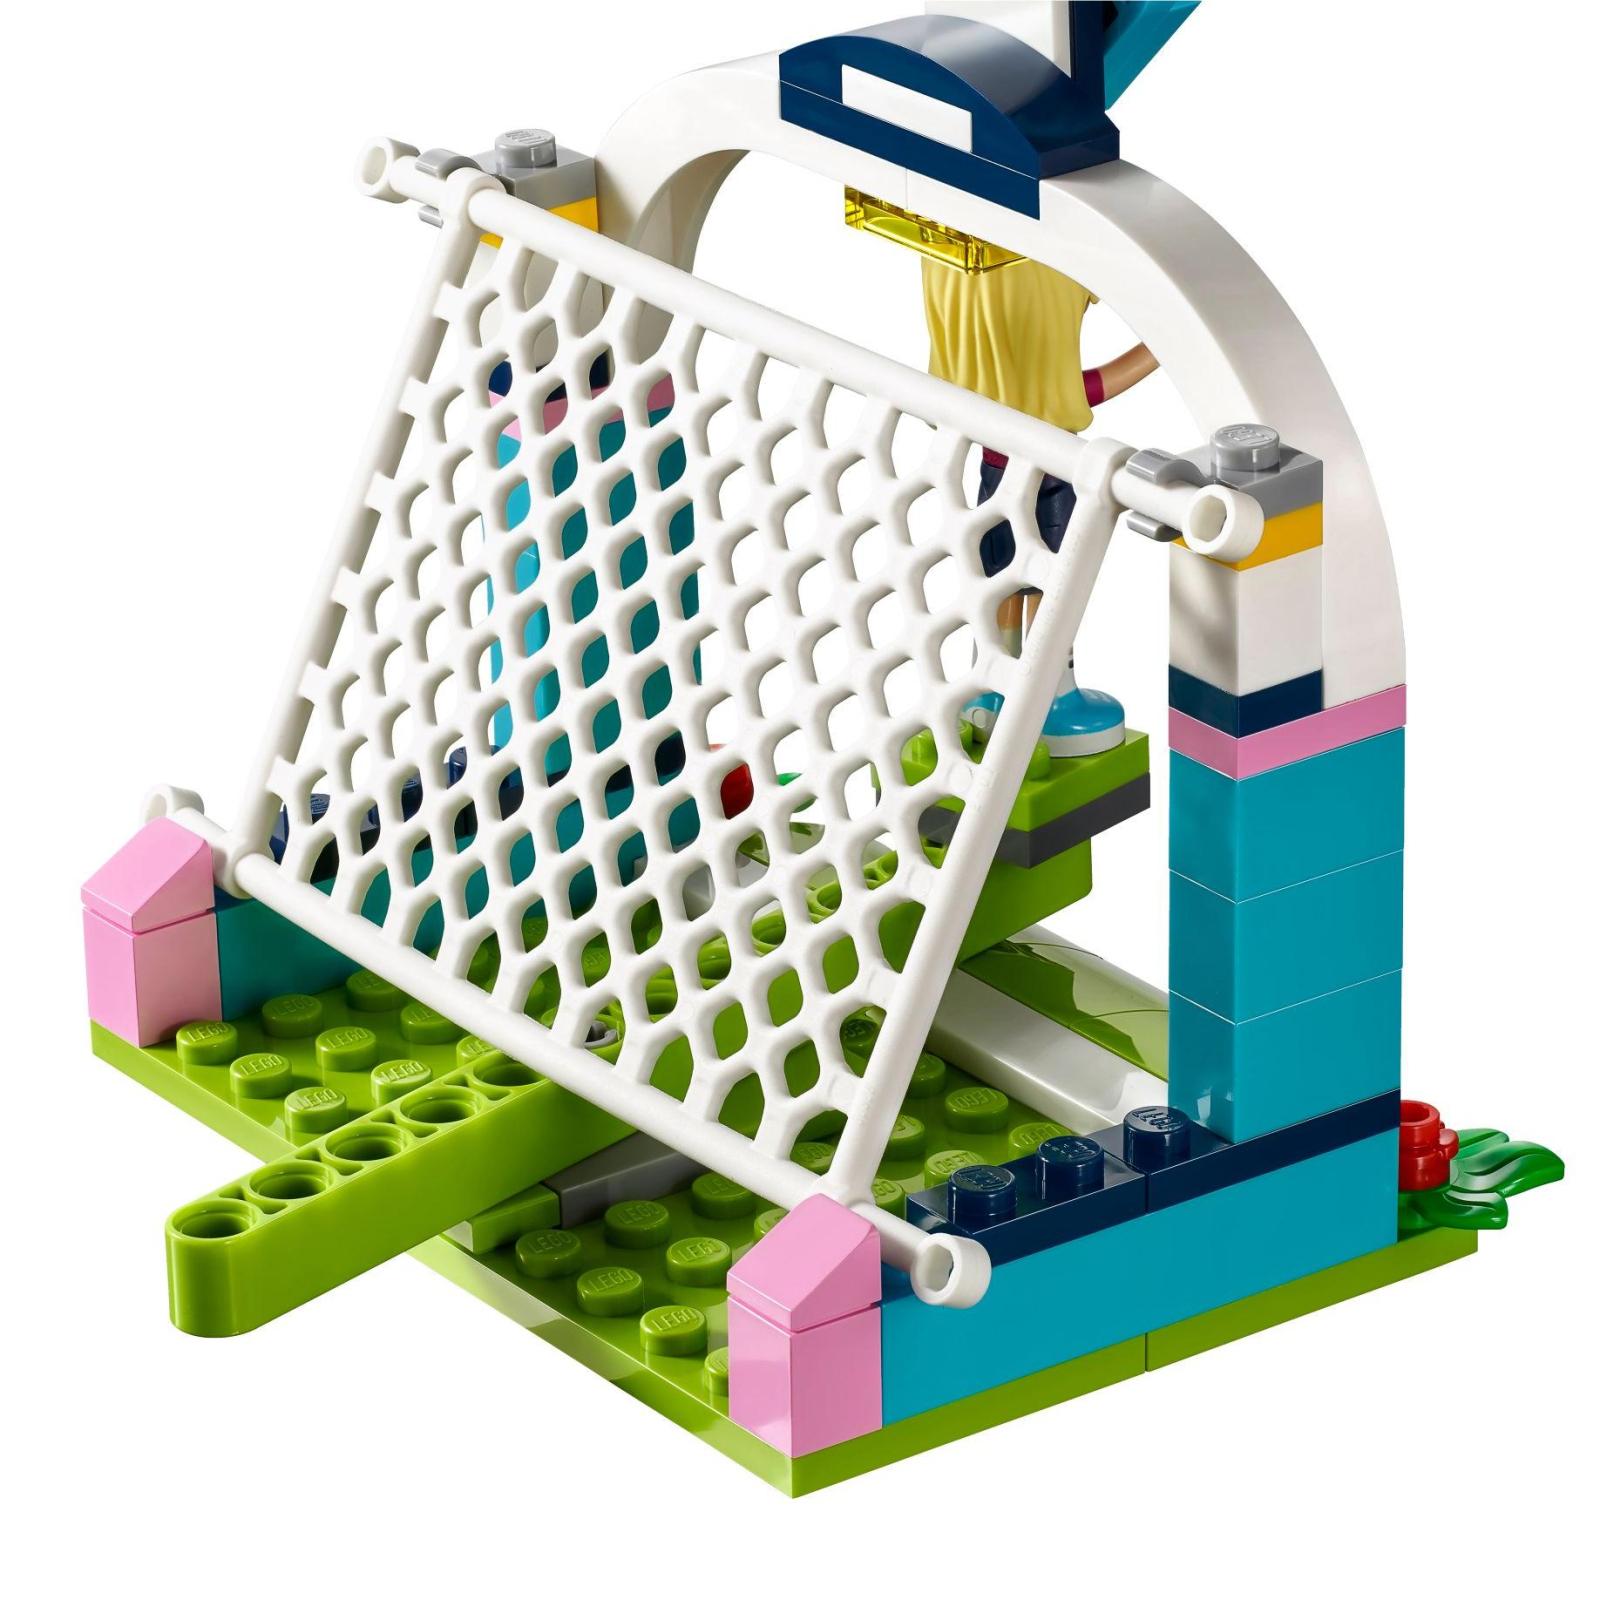 Конструктор LEGO Friends Футбольная тренировка Стефани (41330) изображение 4